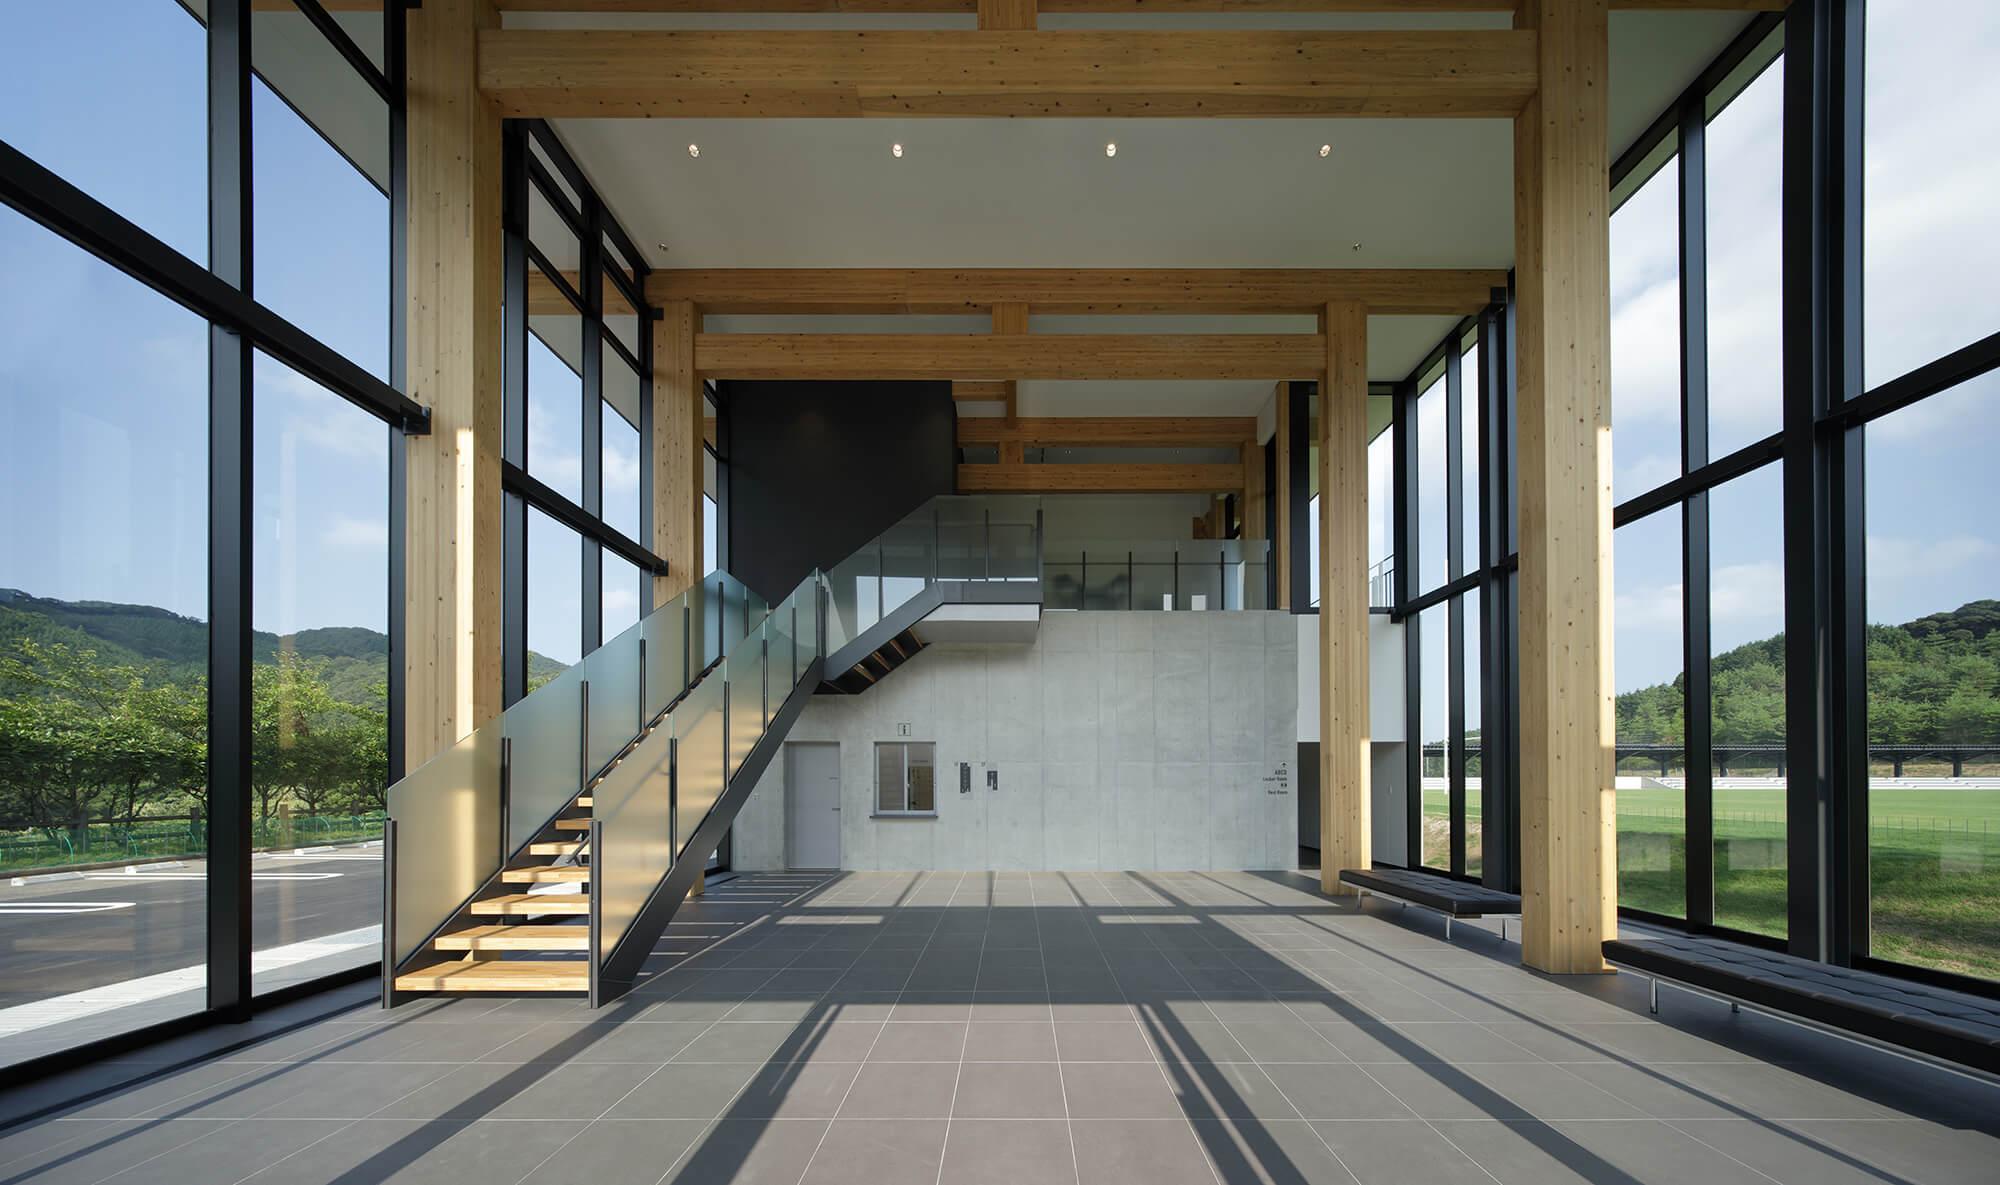 木造建築の施工事例:長門市俵山多目的交流広場 クラブハウス 4枚目